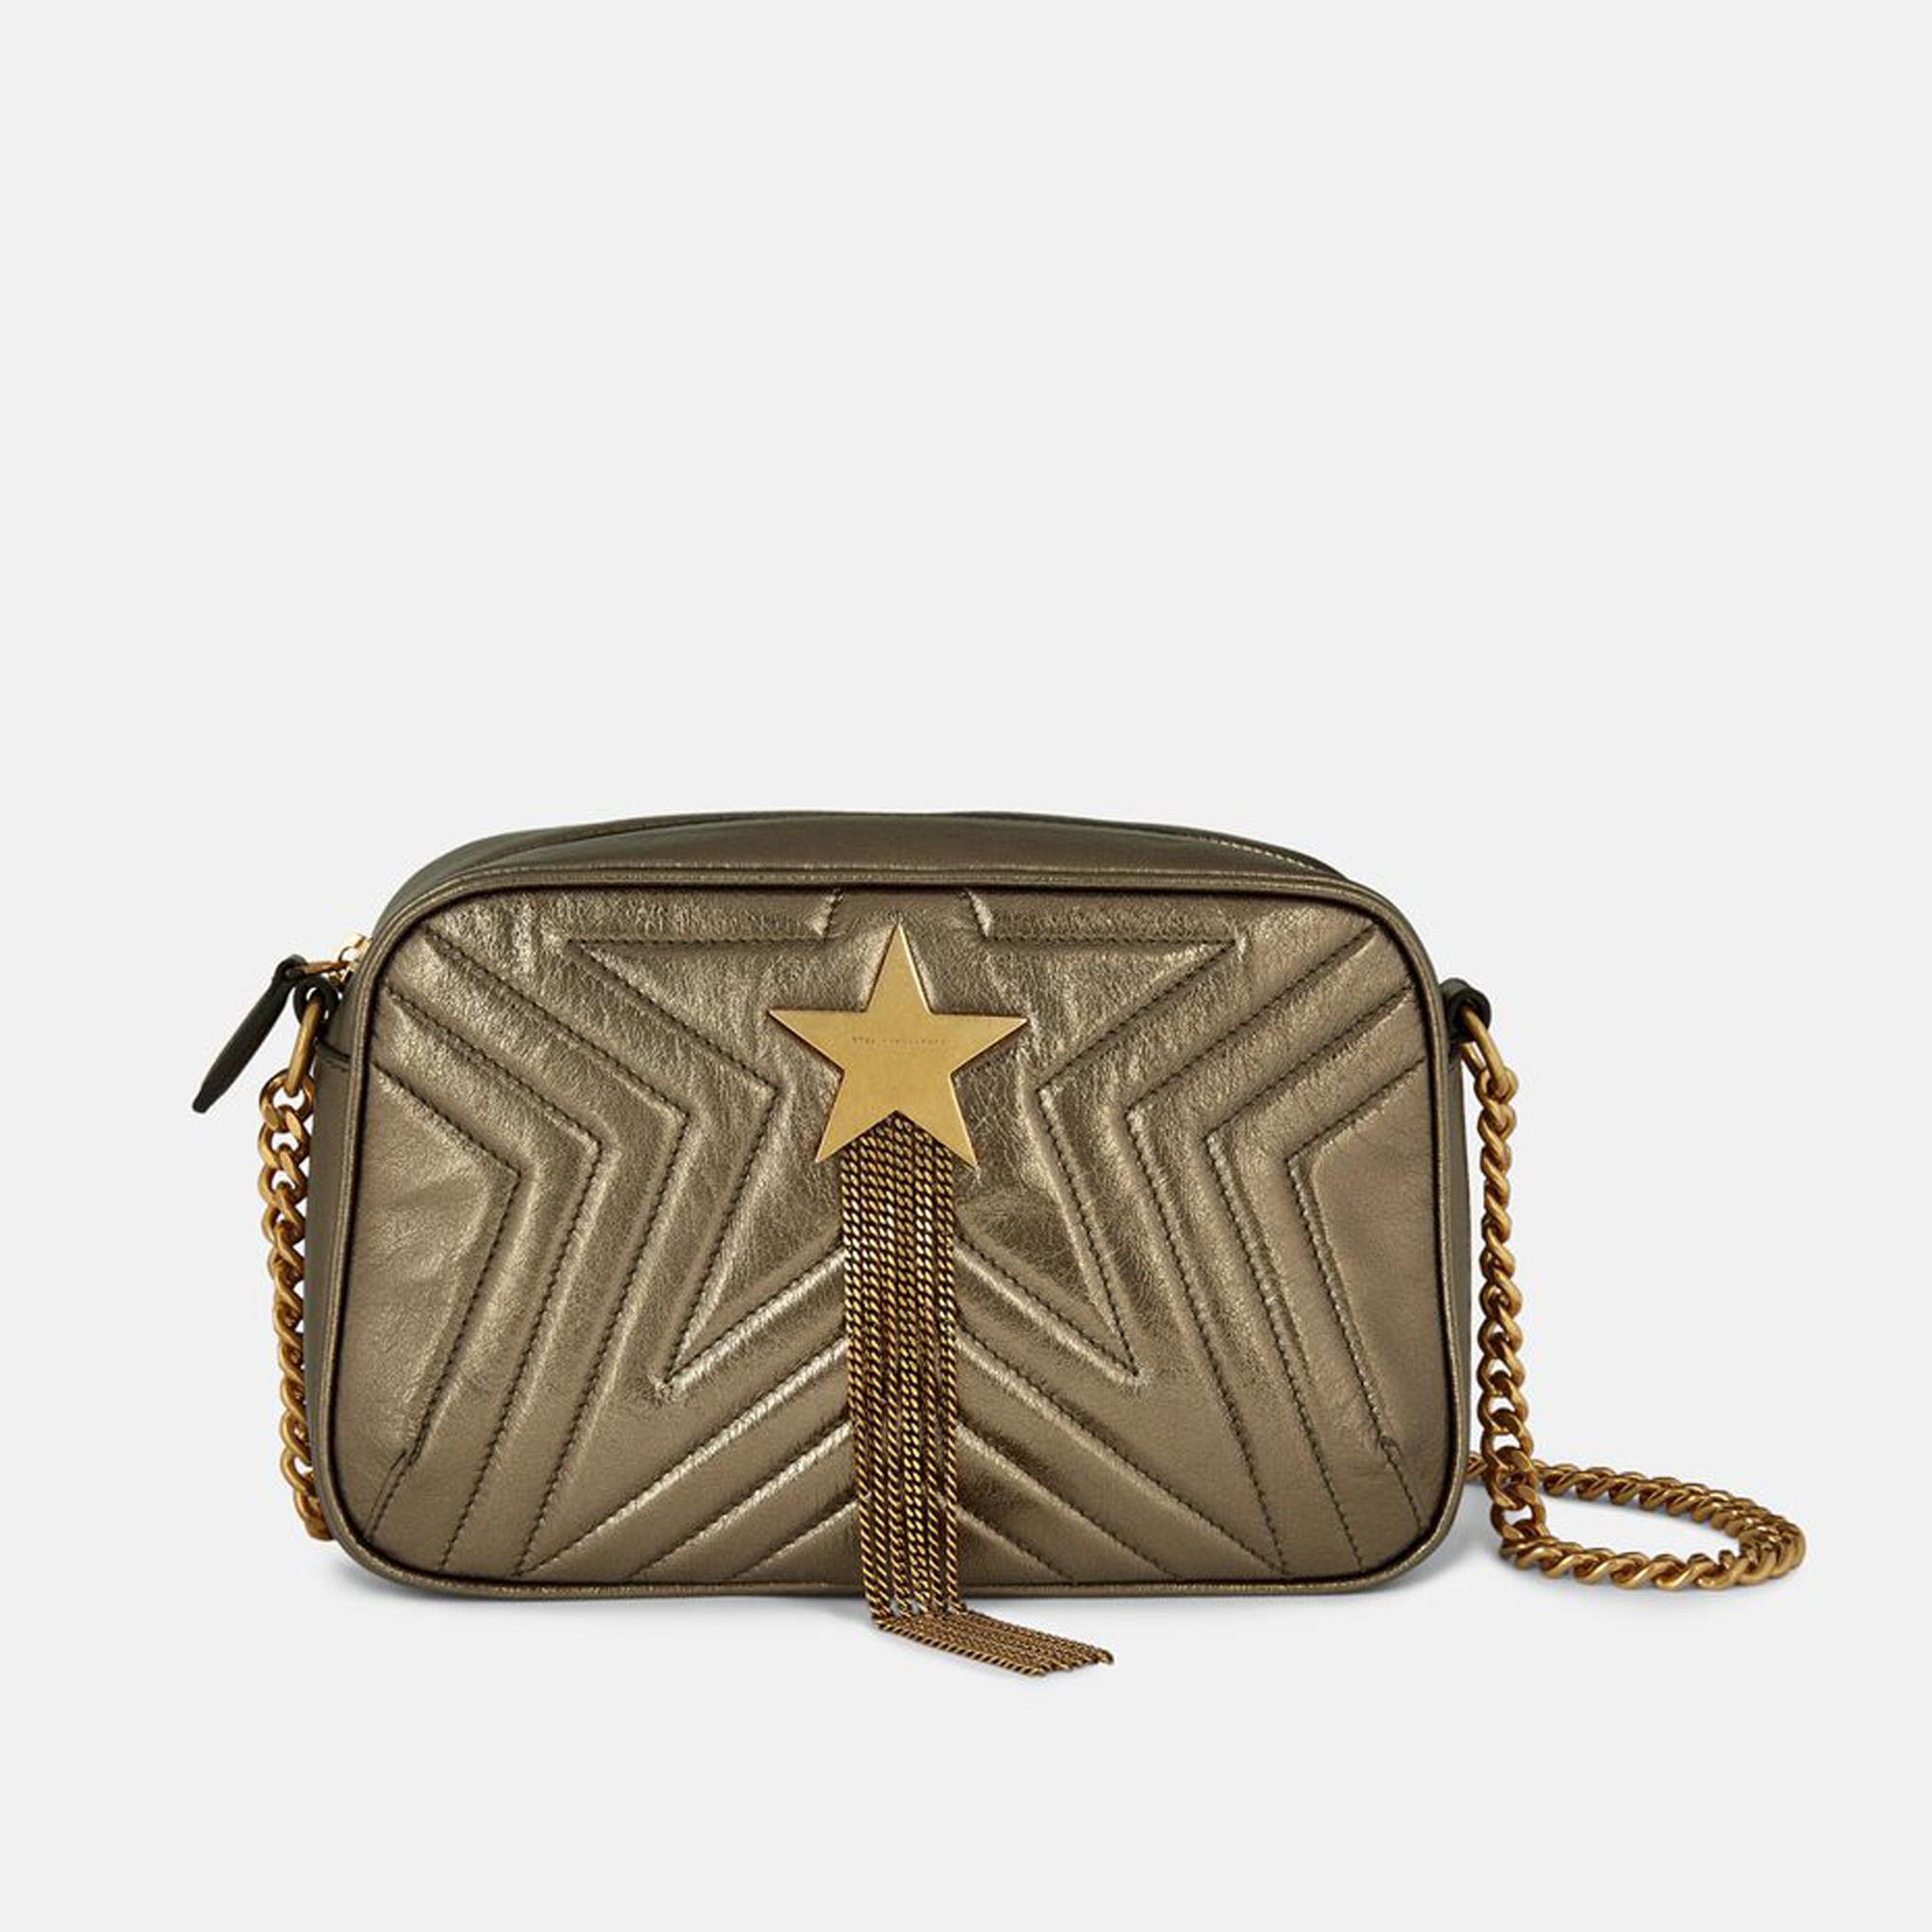 Stella Mccartney Metallic Alter Nappa Mini Shoulder Bag Beste Keuze Nieuw Te Koop Top Kwaliteit Goedkope Online PtL7Hm